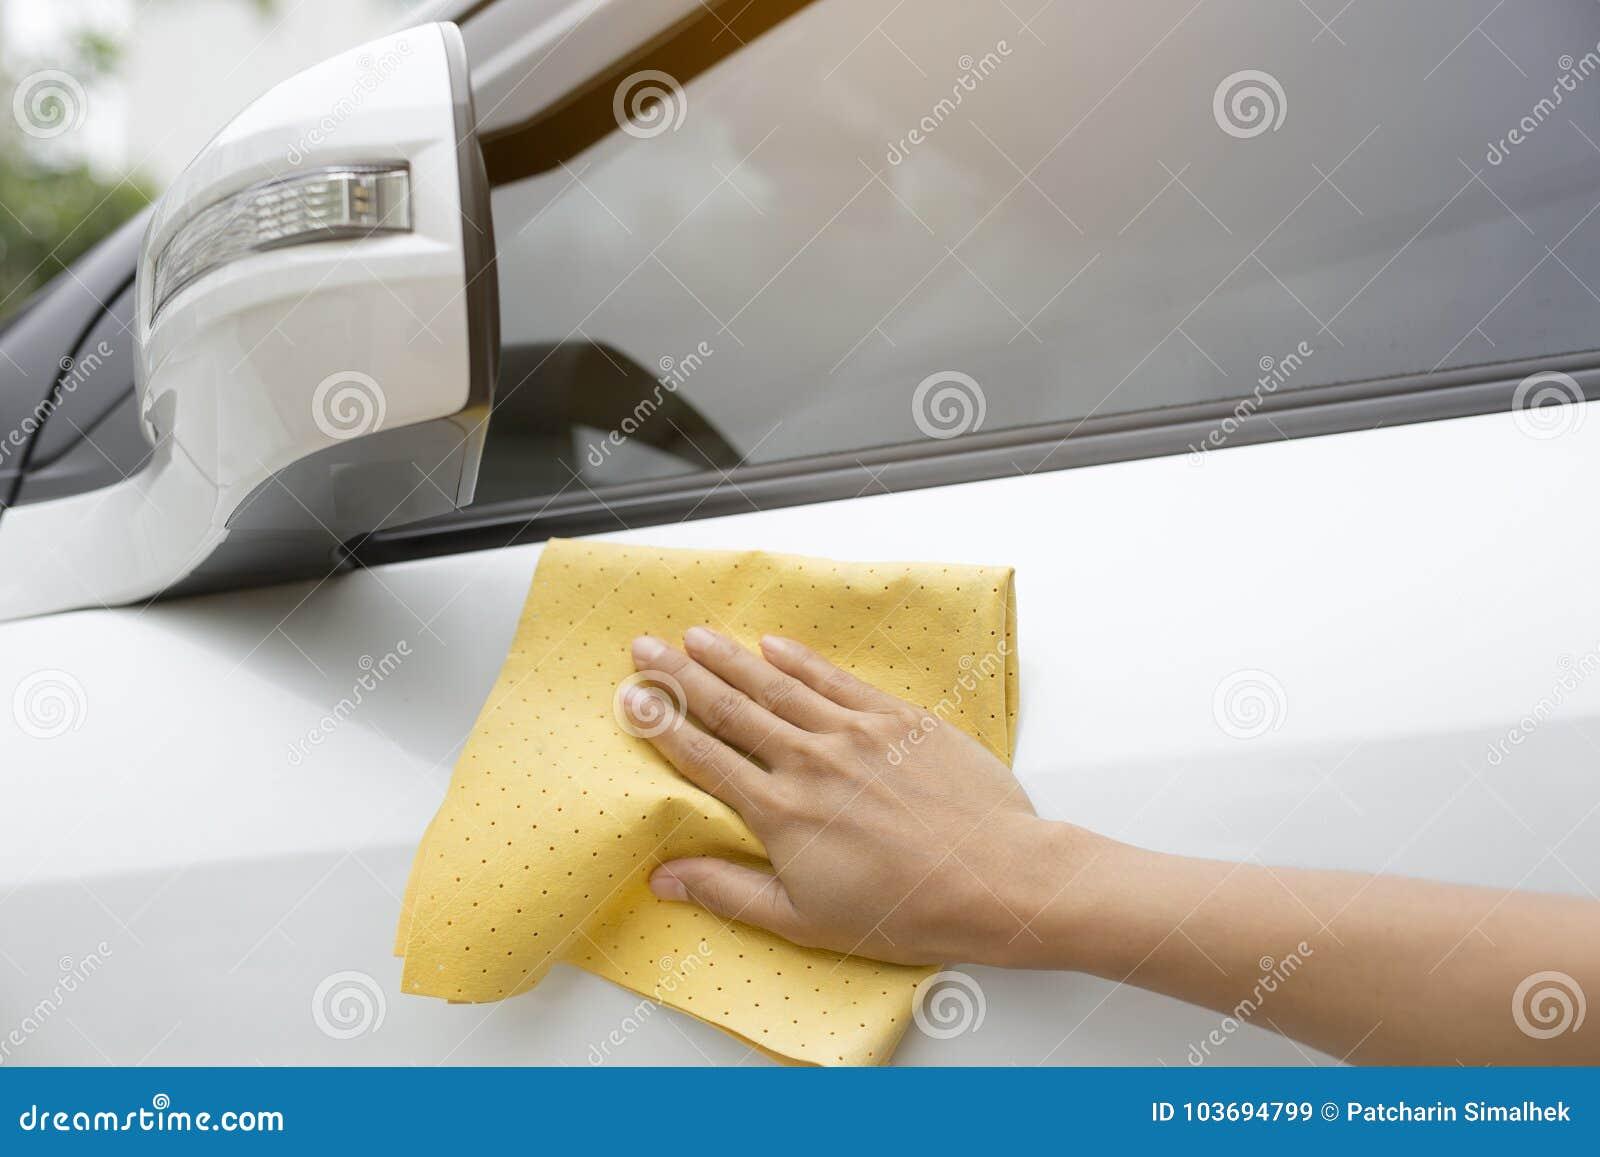 Dieses Bild ist ein Bild des Abwischens des Autos mit einem gelben microfiber Stoff durch Hände